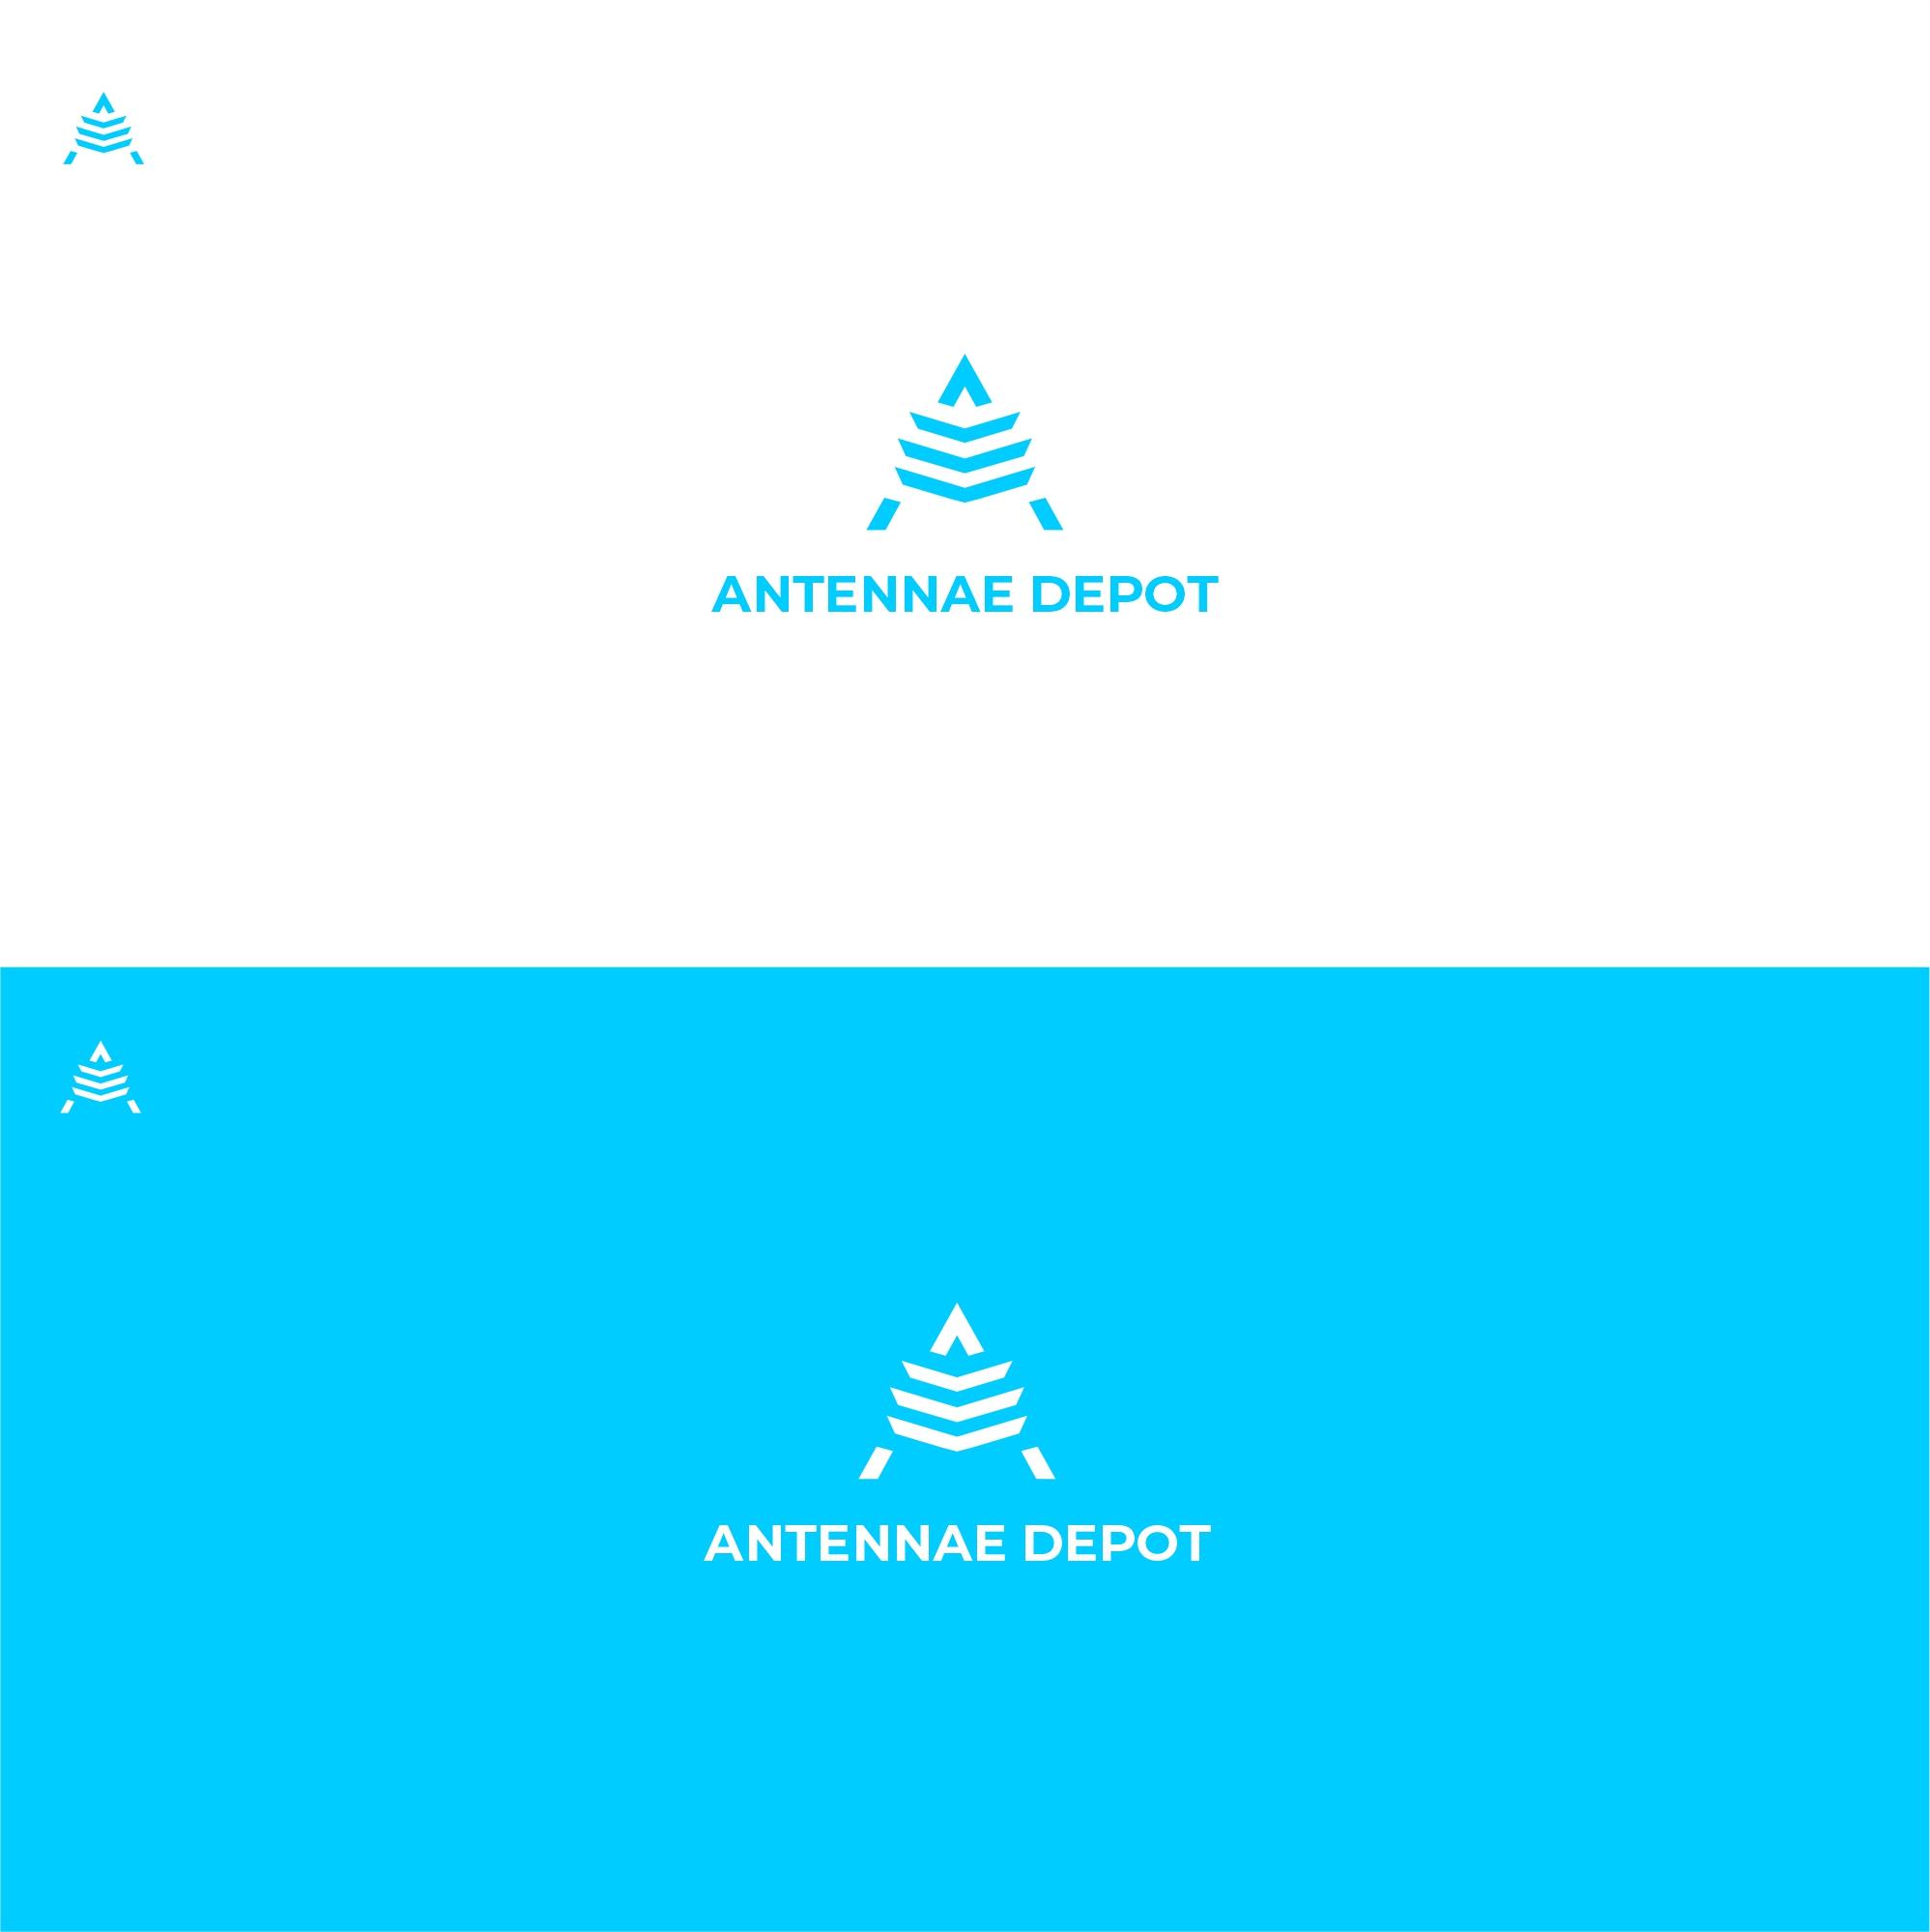 Обновить логотип фото f_2175deeb2ca3b3be.jpg